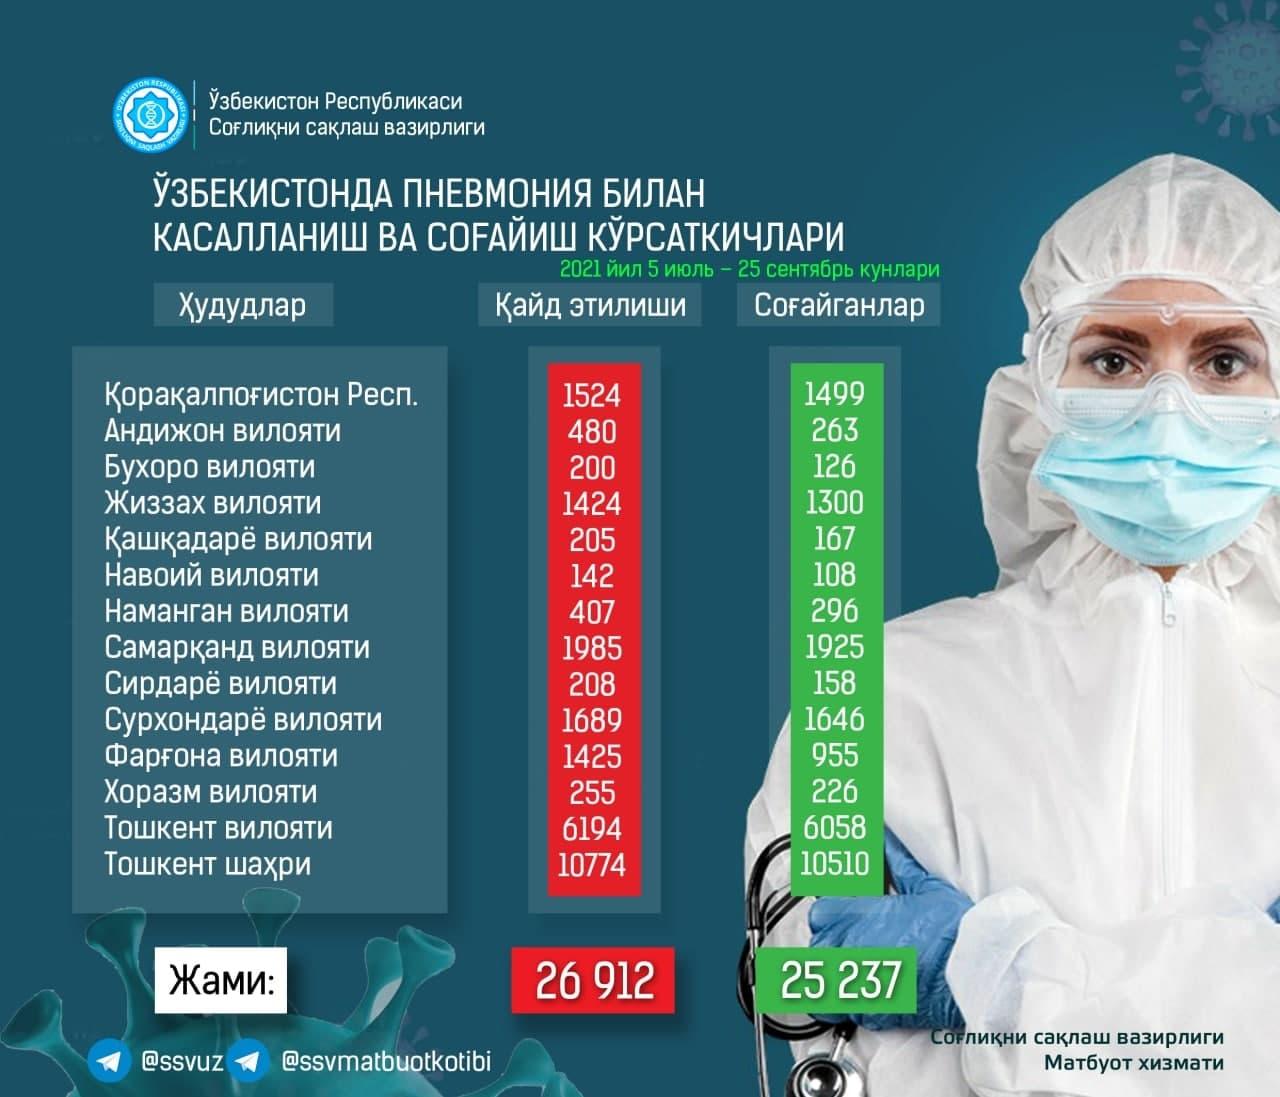 С начала июля свыше 25 тысяч узбекистанцев перенесли пневмонию — статистика